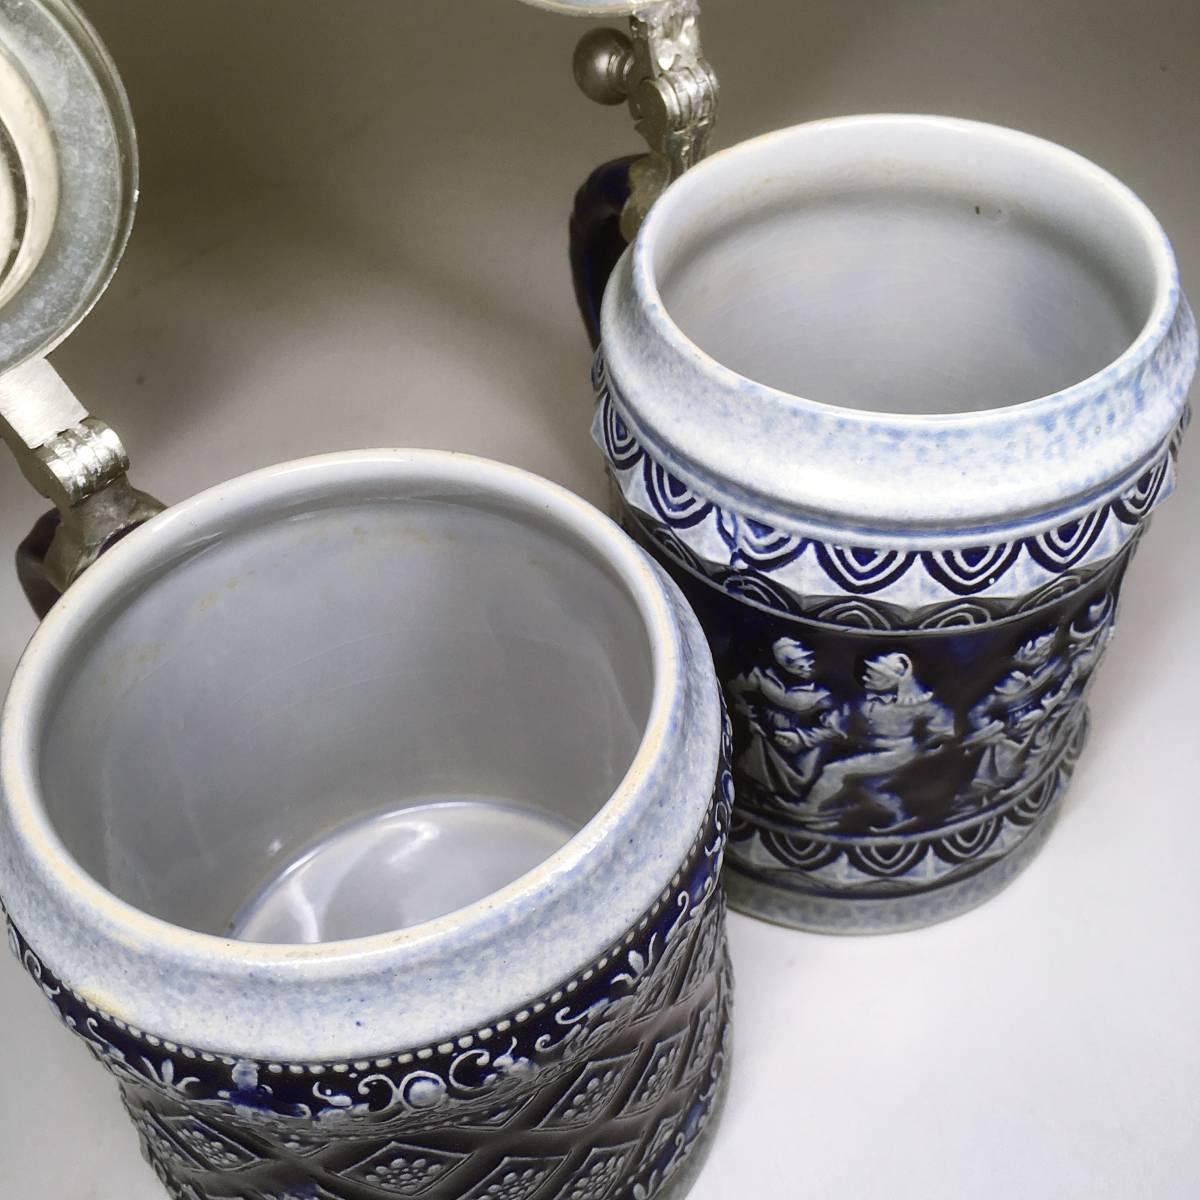 西ドイツ ビールジョッキ ビアグラス 2個セット 彫刻 ドイツスタイル 陶器製 グラス 蓋付 酒器_画像7